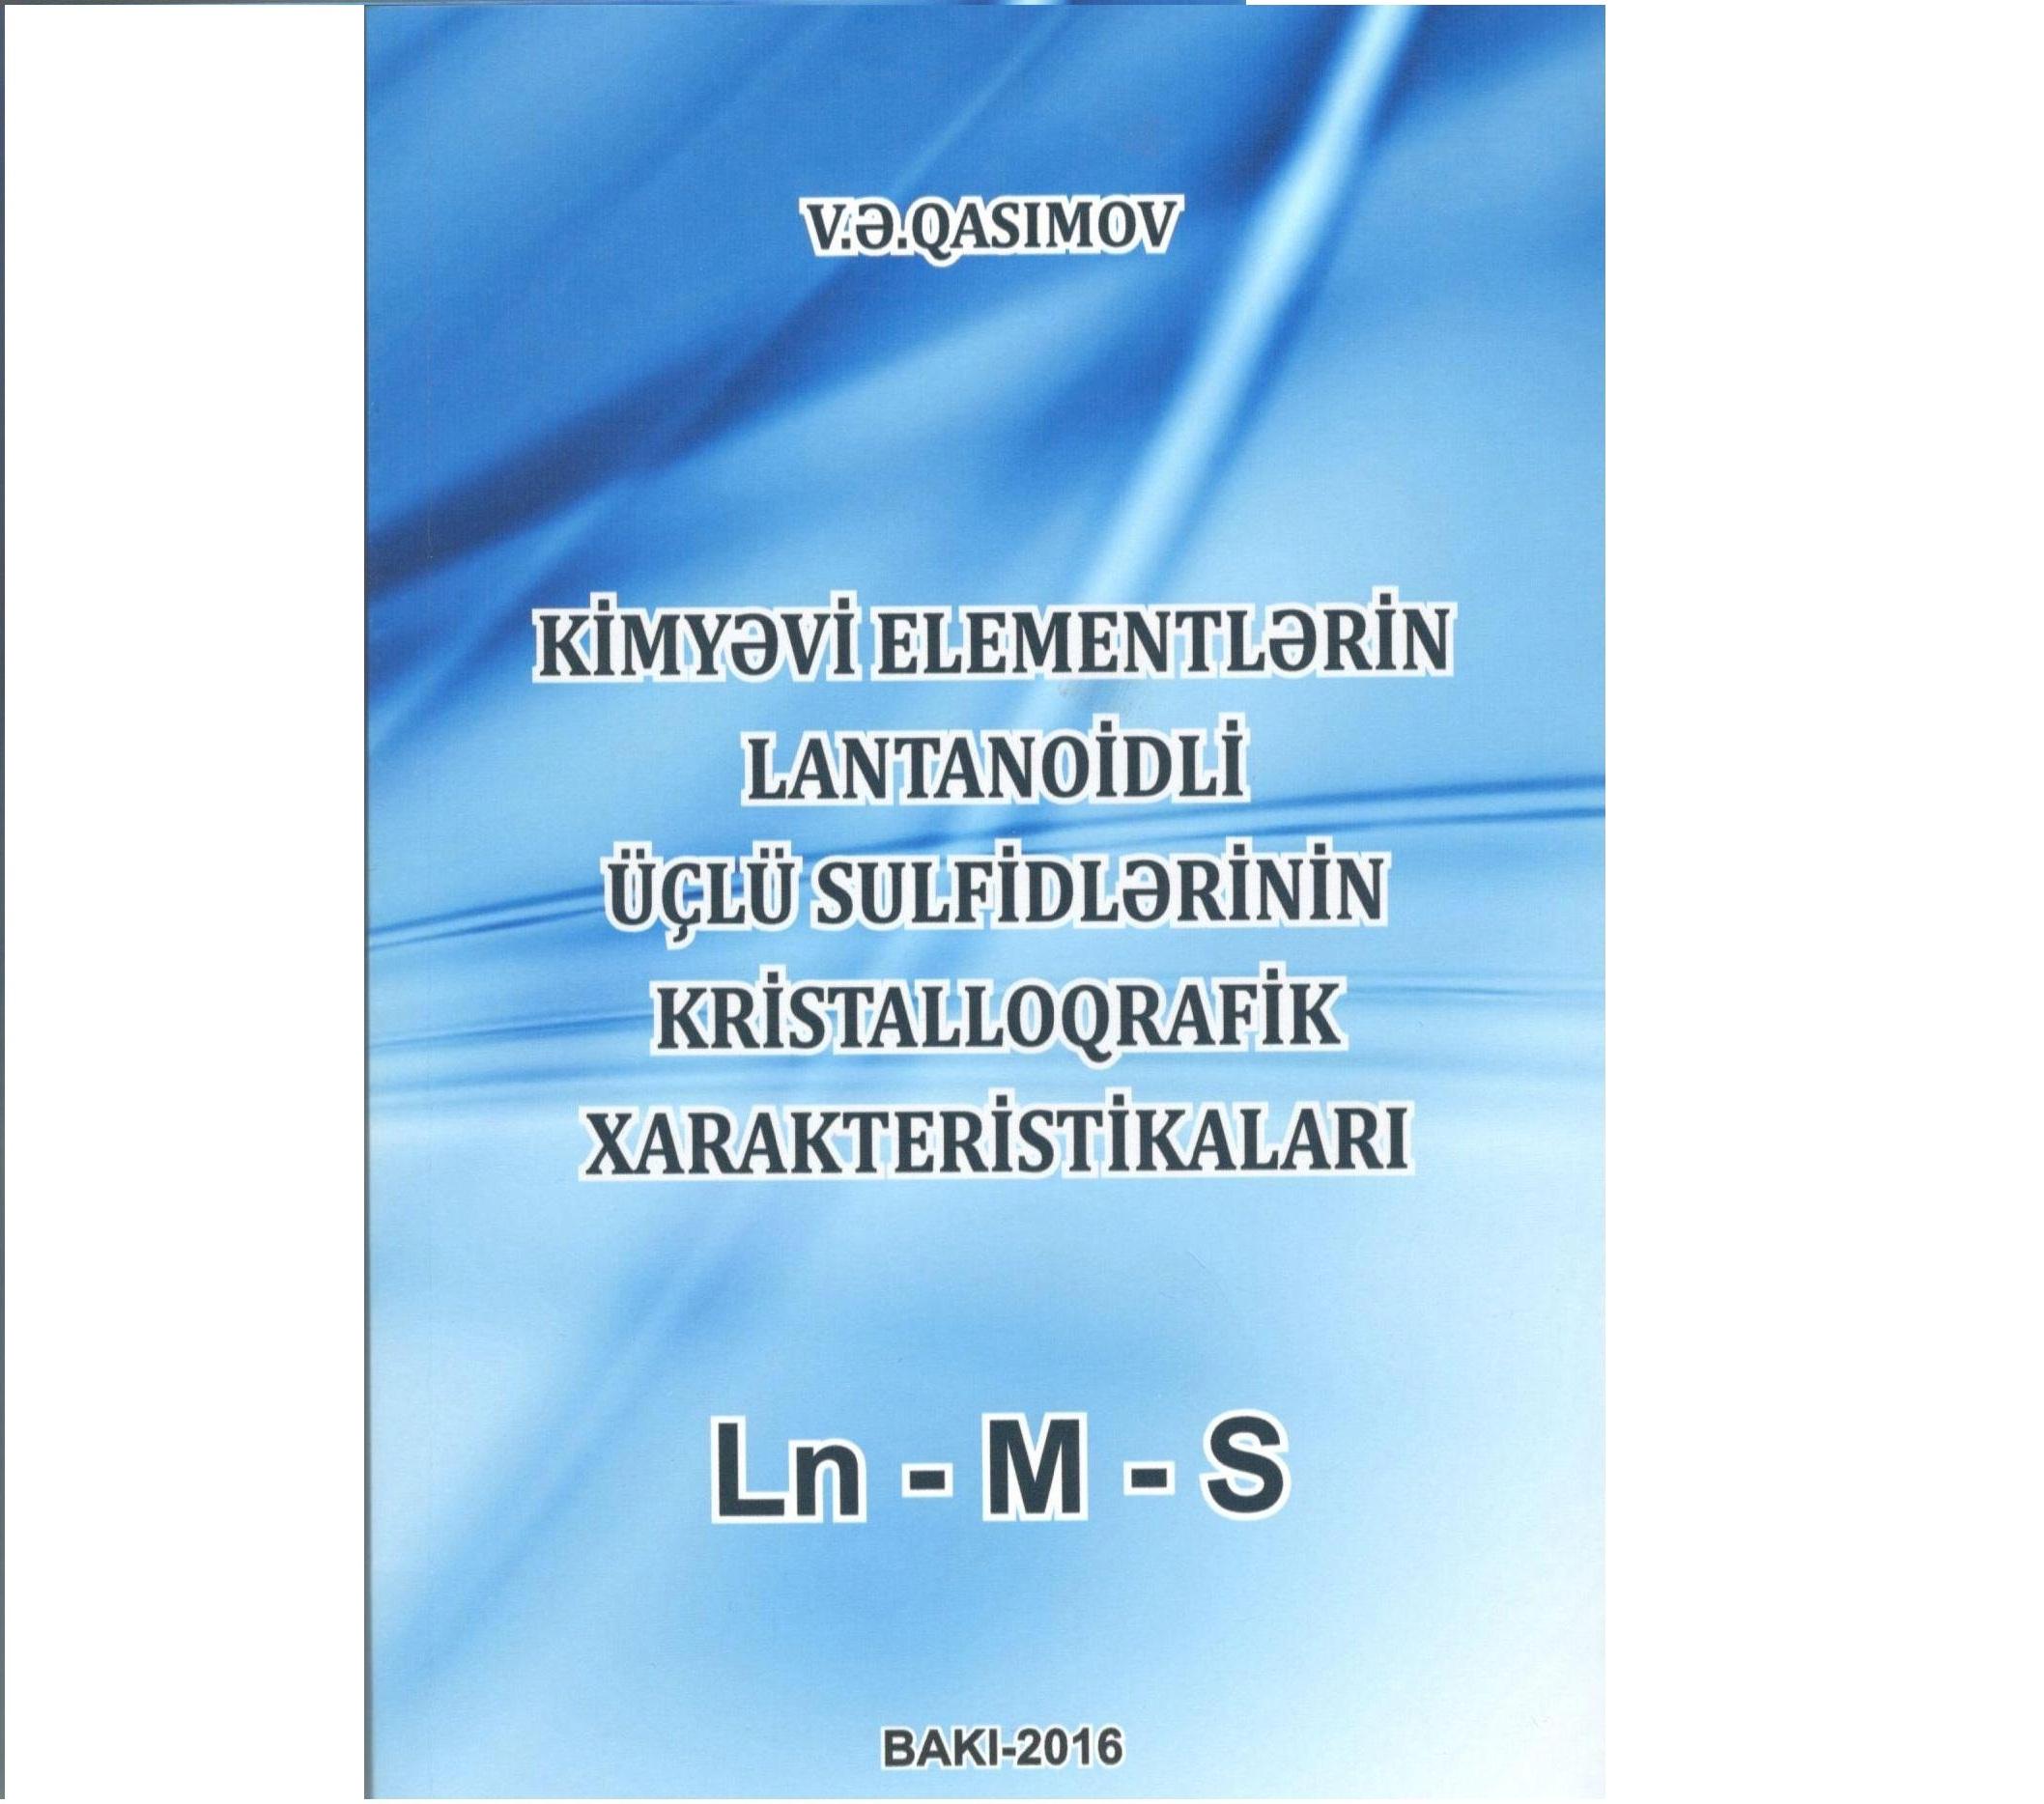 """Vaqif Qasımovun """"Kimyəvi  elementlərin  lantanoidli üçlü sulfidlərinin kristalloqrafik xarakteristikaları""""məlumatlar toplusu nəşr olunub."""